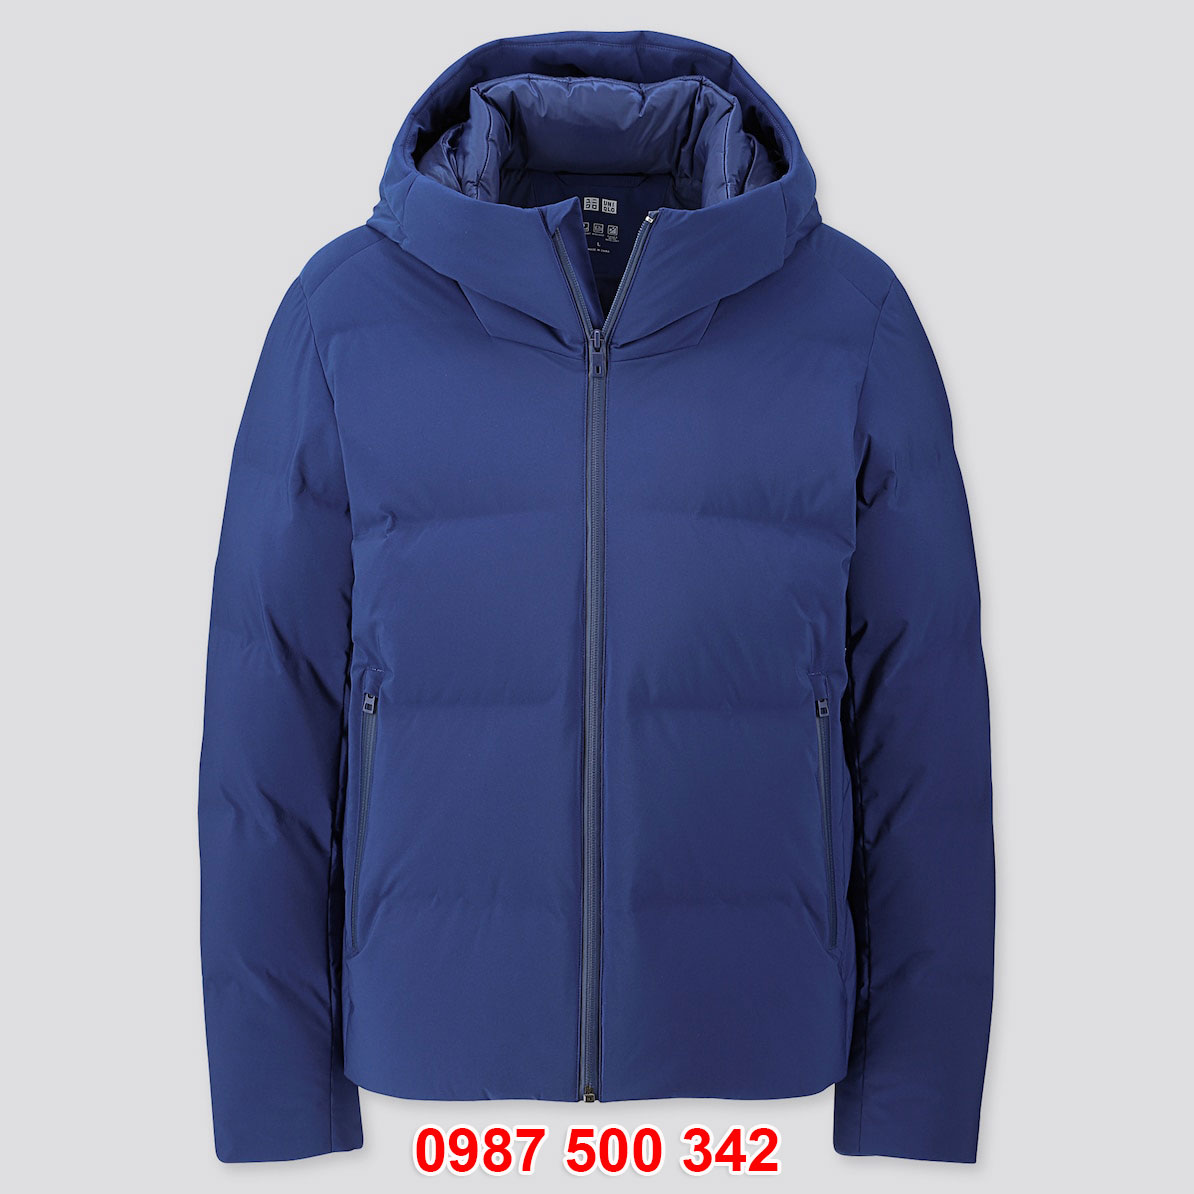 Áo phao lông vũ nam Uniqlo đại hàn dáng ngắn màu xanh biển 67 BLUE 419989